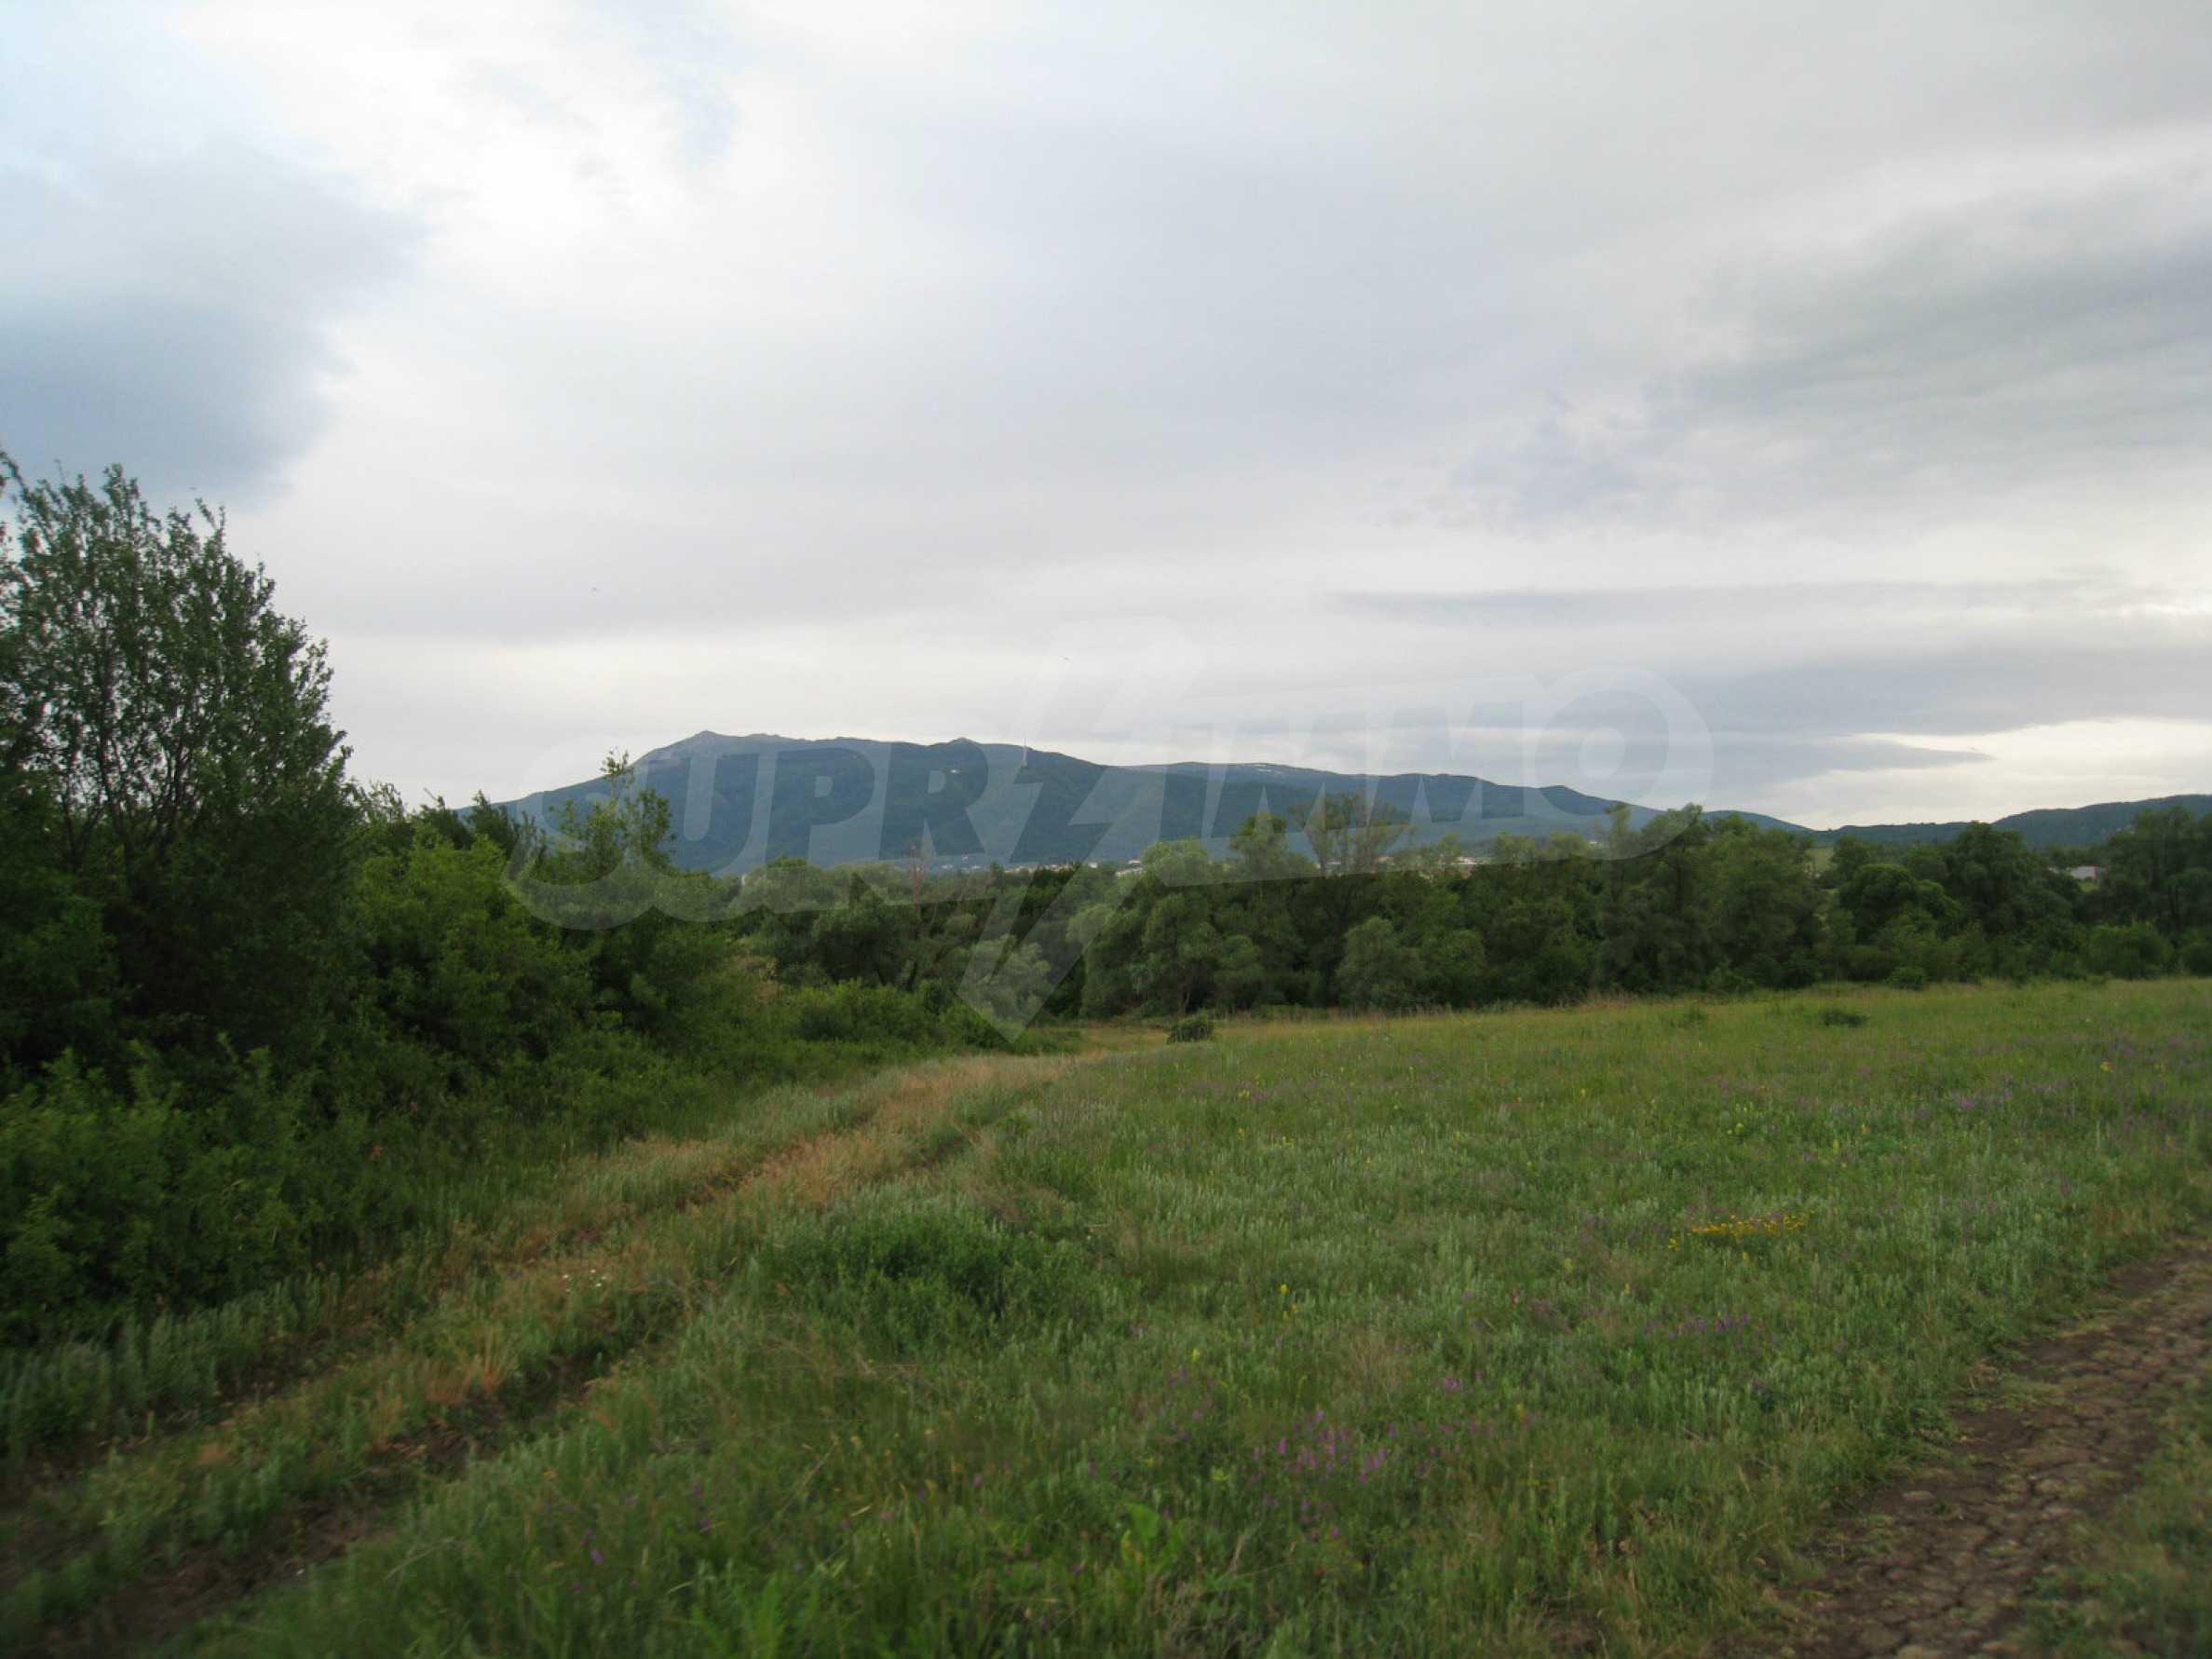 Ackerland in der Nähe eines Sees in Suhodol 27